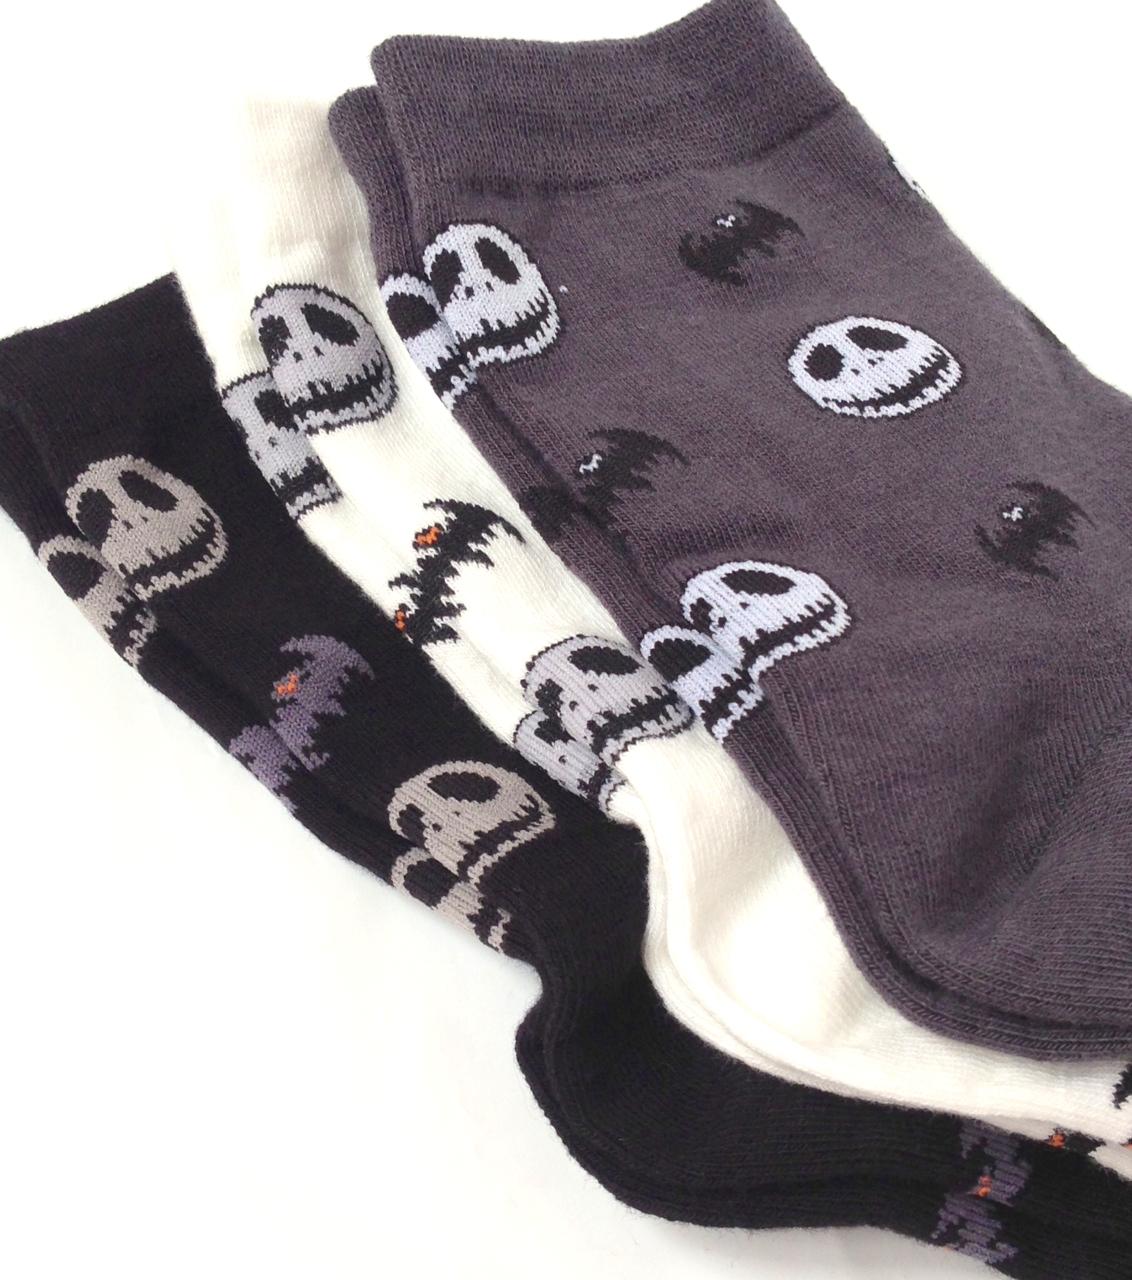 jack_skellington_head_socks_black_socks_2.jpg